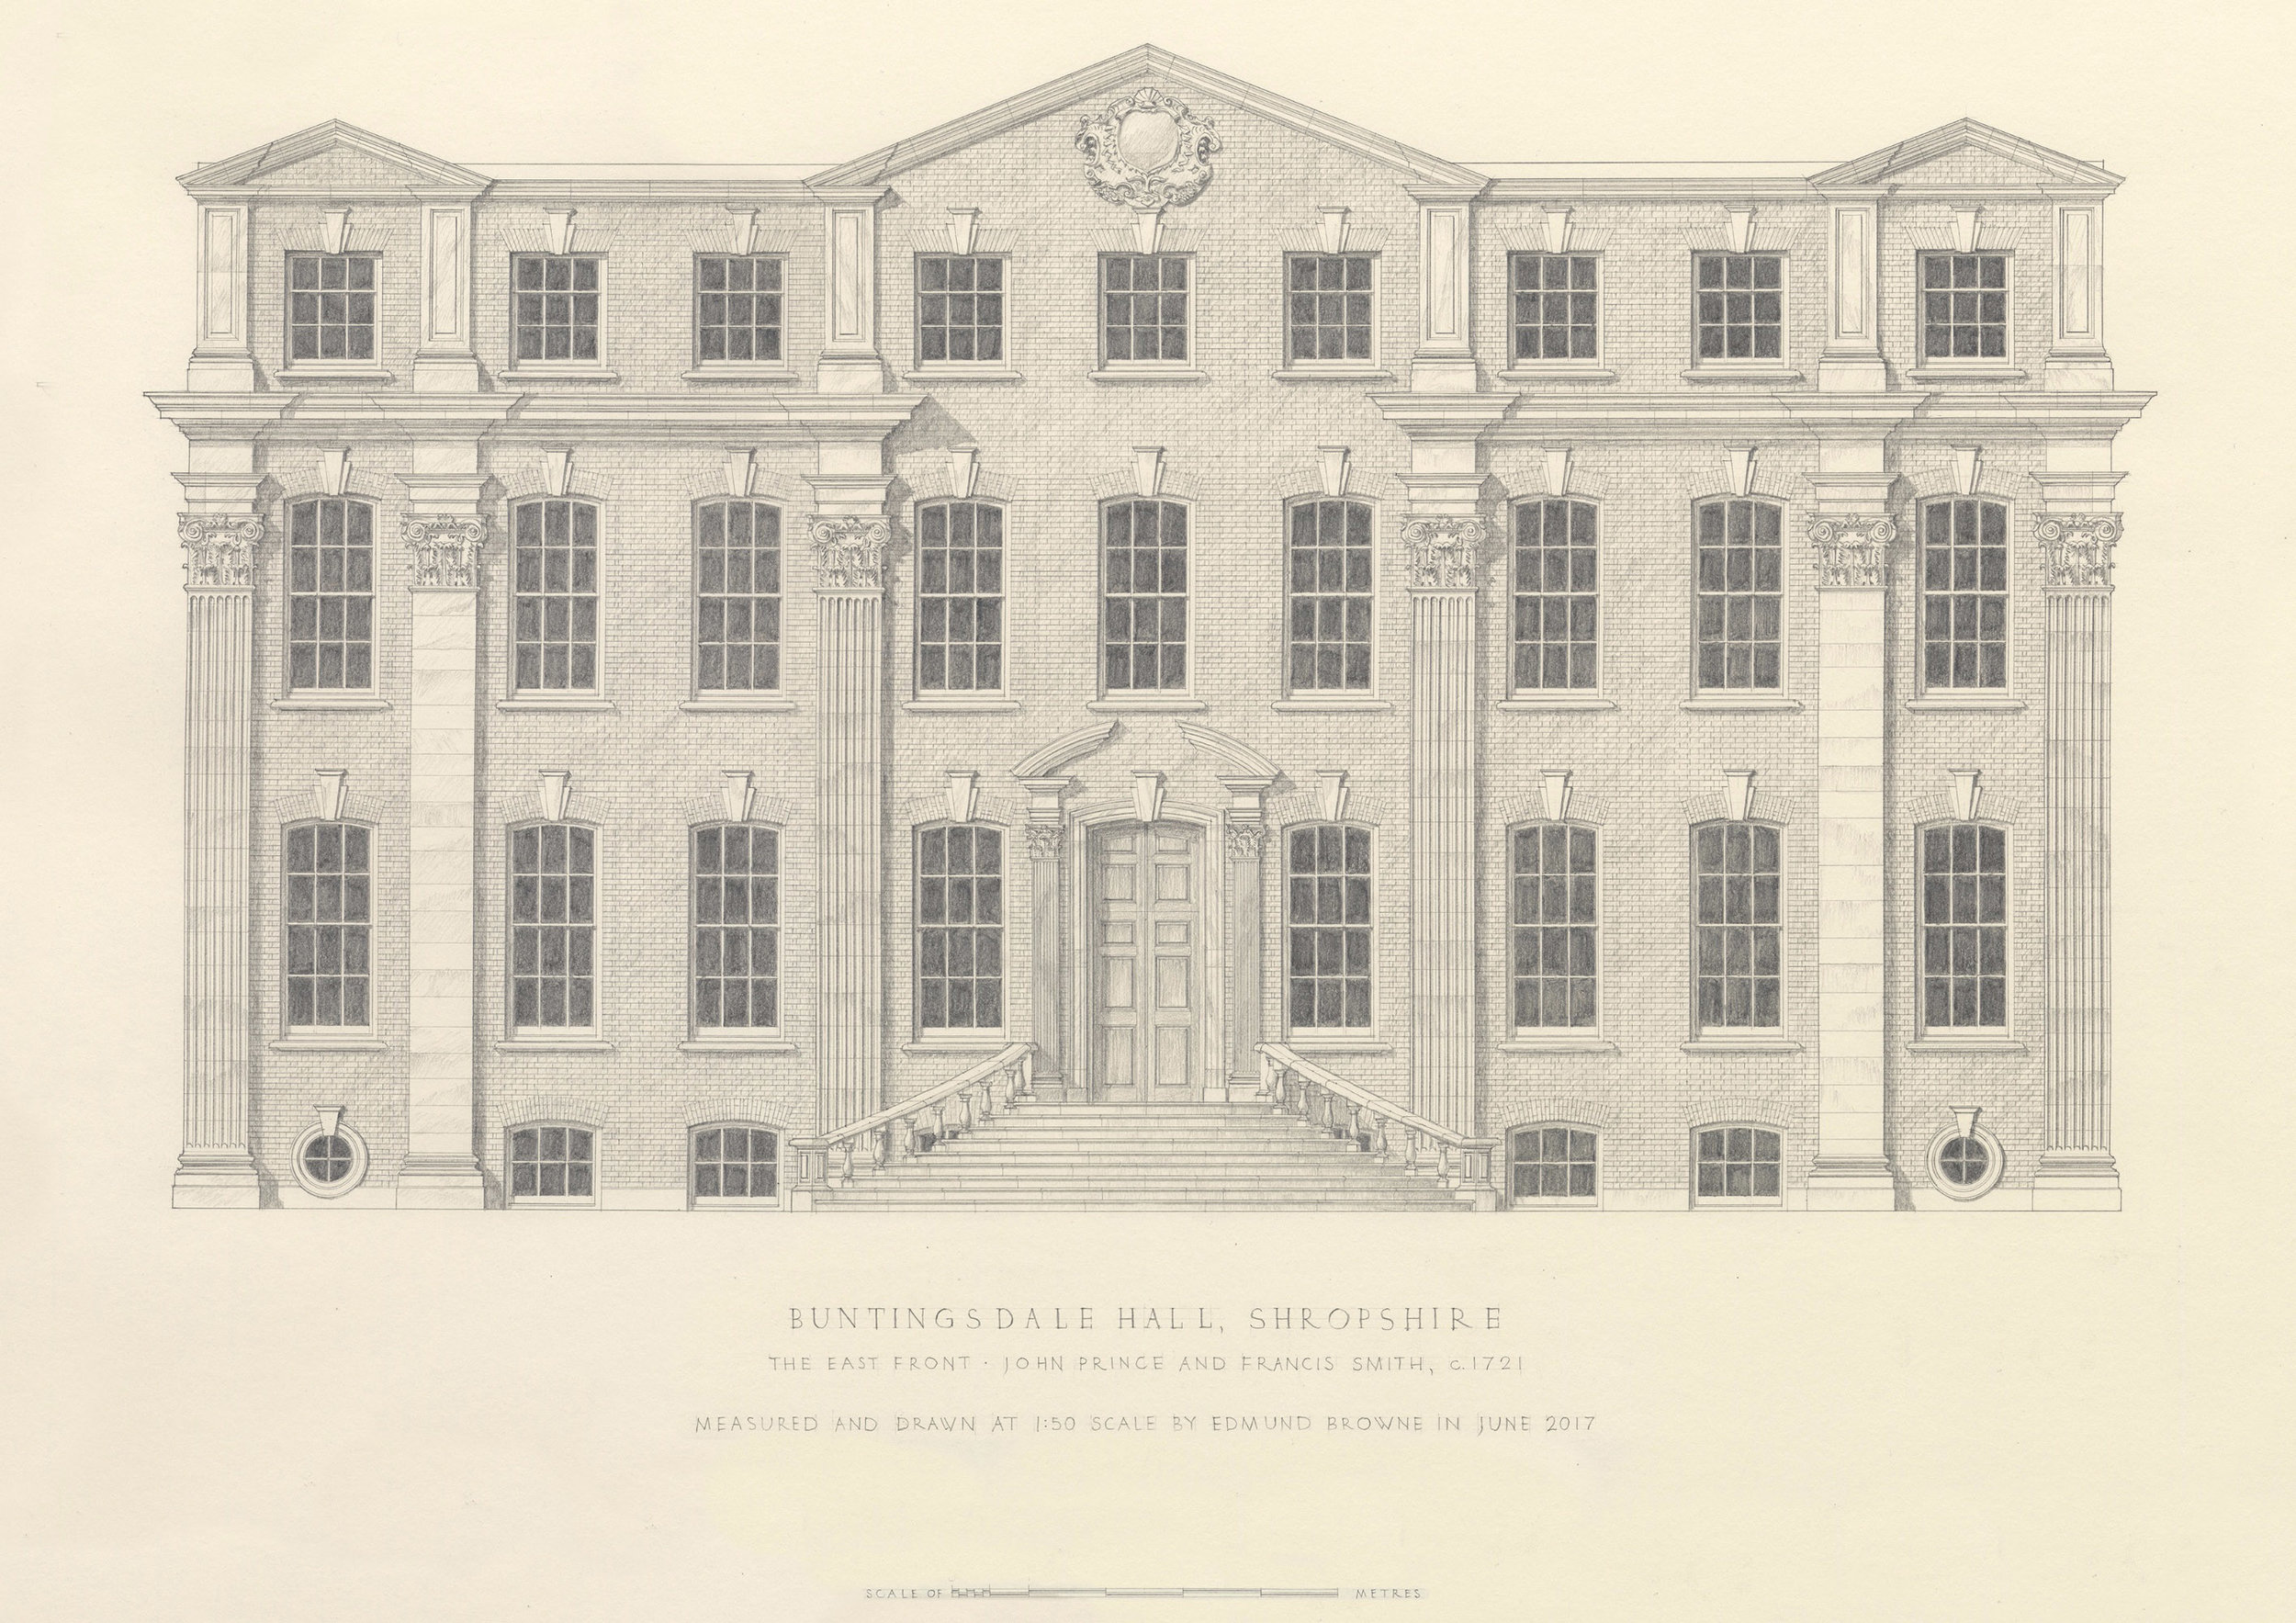 Edmund Browne-Buntingsdale Hall.jpg